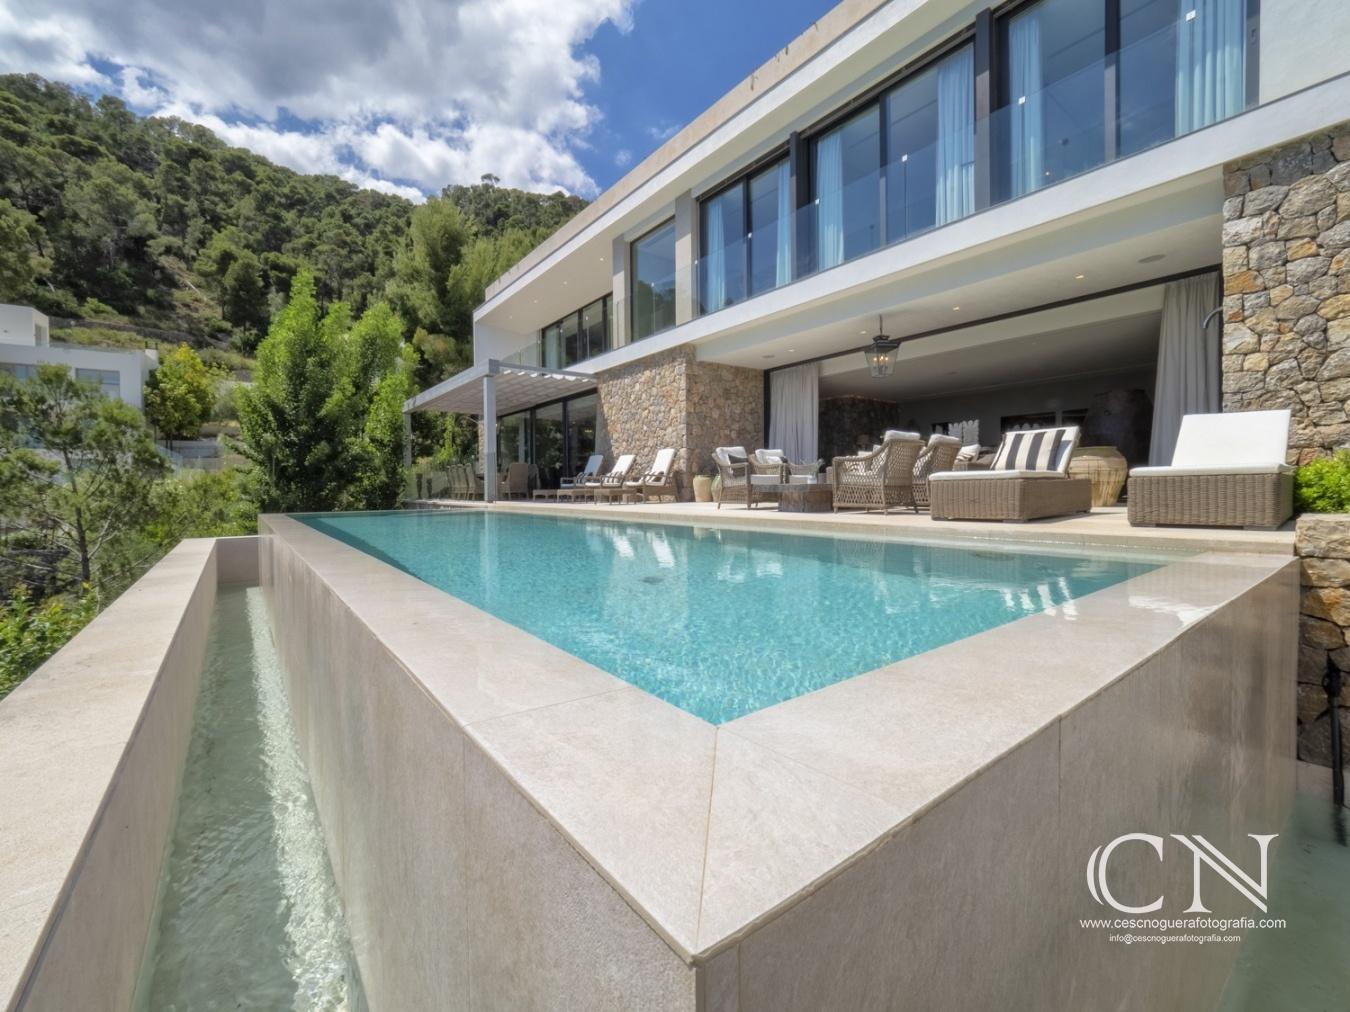 Casa a Genova - Cesc Noguera Fotografia, Quando la fotografia è una passione, Architectural & Interior design photographer / Landscape Photography